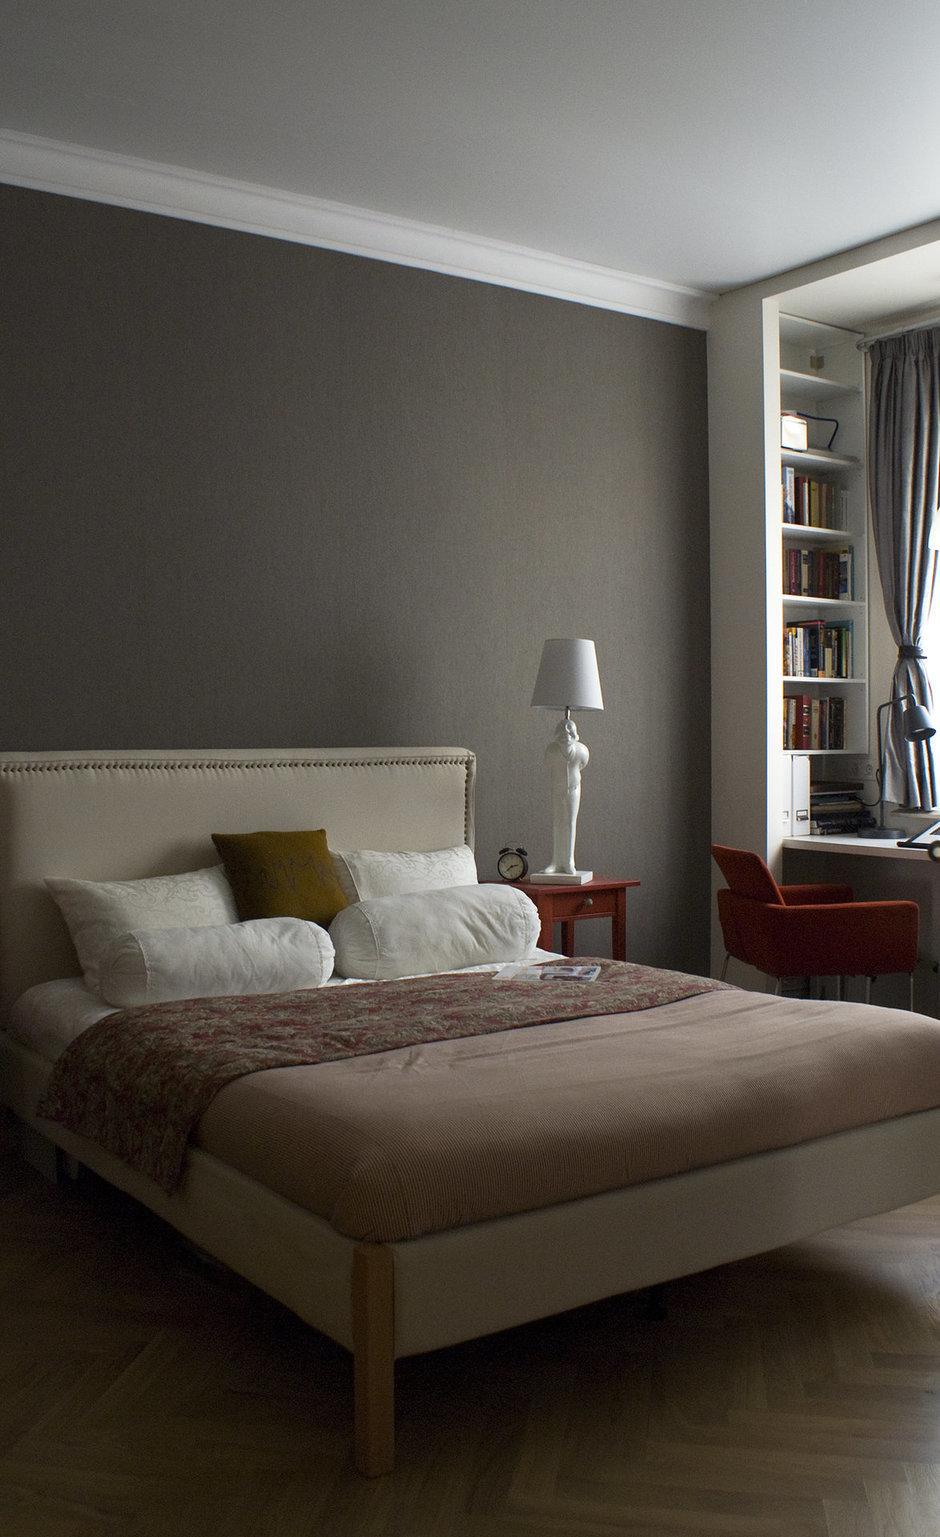 Фотография: Спальня в стиле Хай-тек, Современный, Квартира, Дома и квартиры, Проект недели – фото на InMyRoom.ru